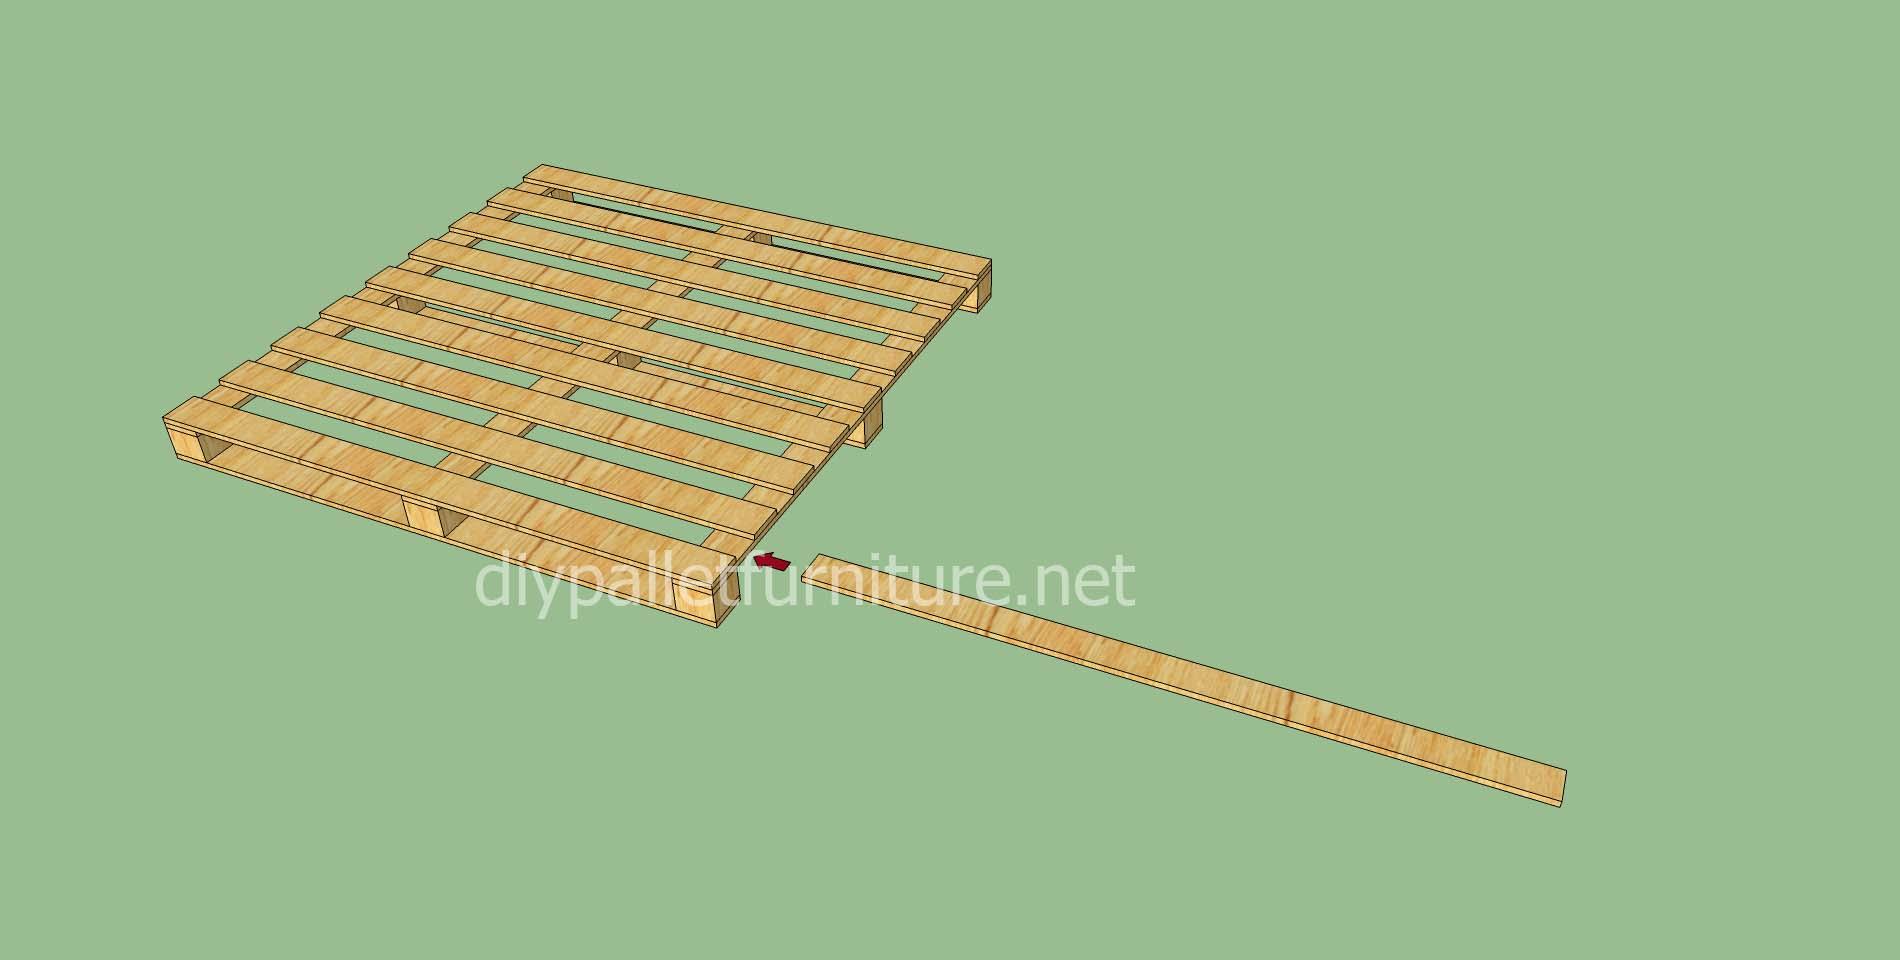 plancher simple faite avec des palettes en boismeuble en palette meuble en palette. Black Bedroom Furniture Sets. Home Design Ideas